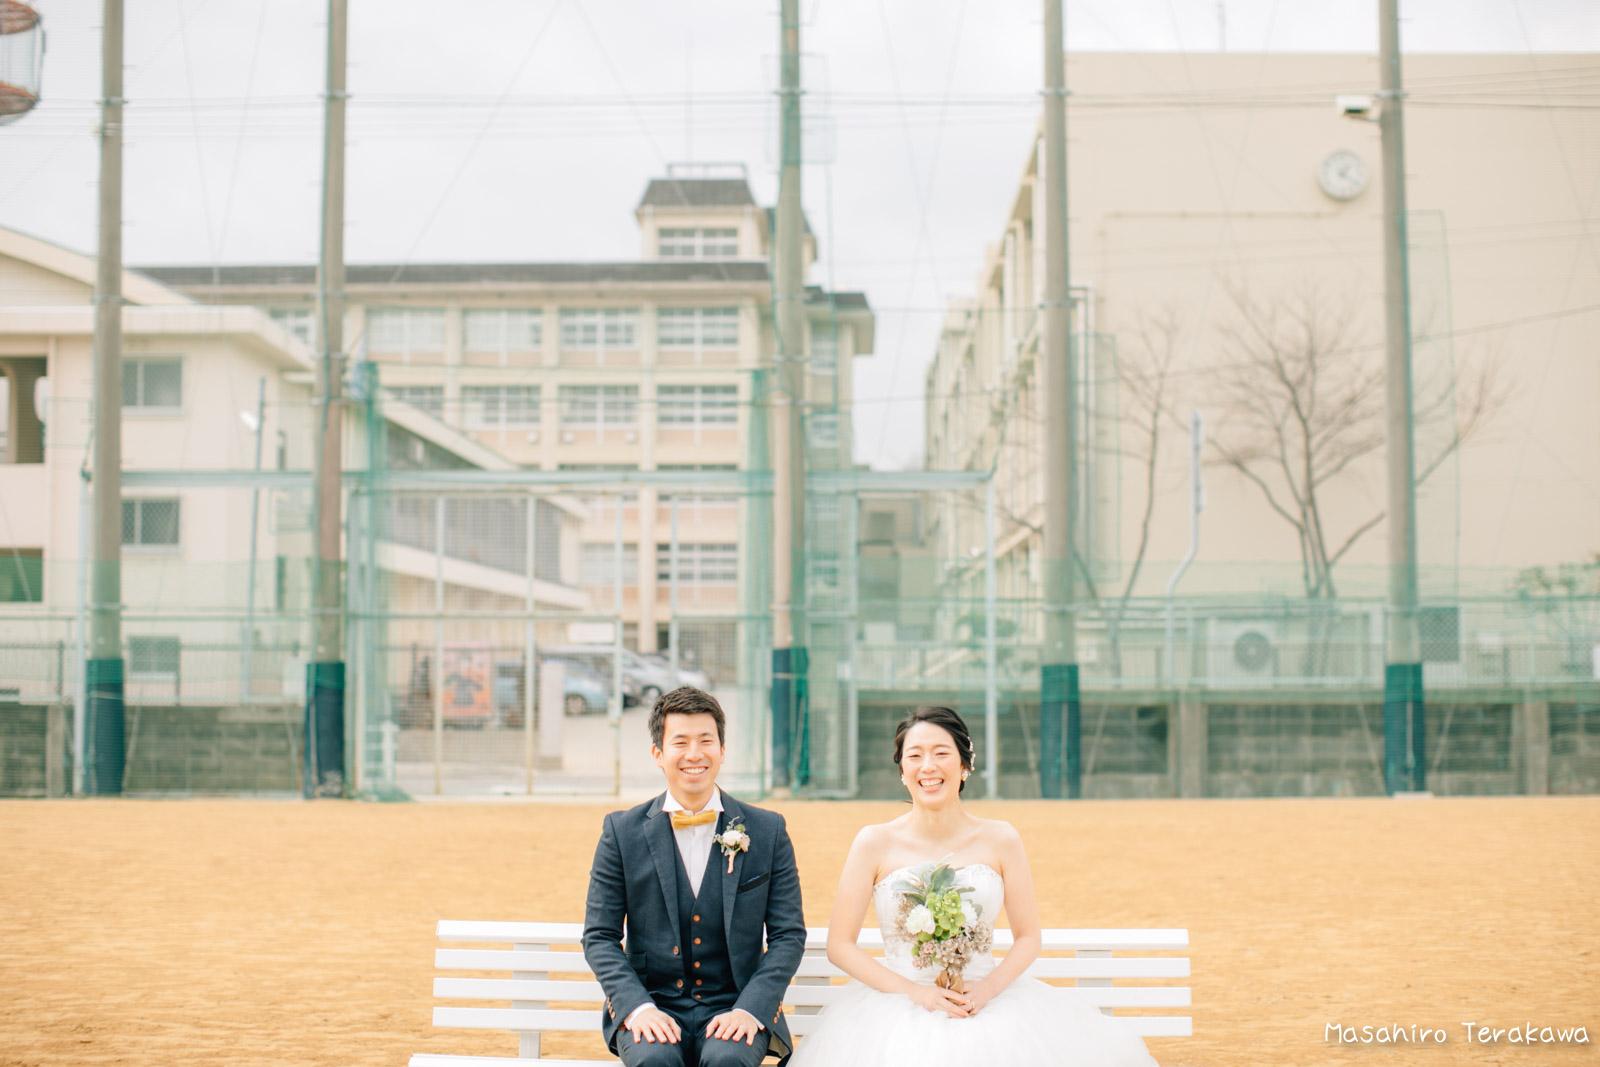 神戸の学校(母校)にて結婚式前撮り1